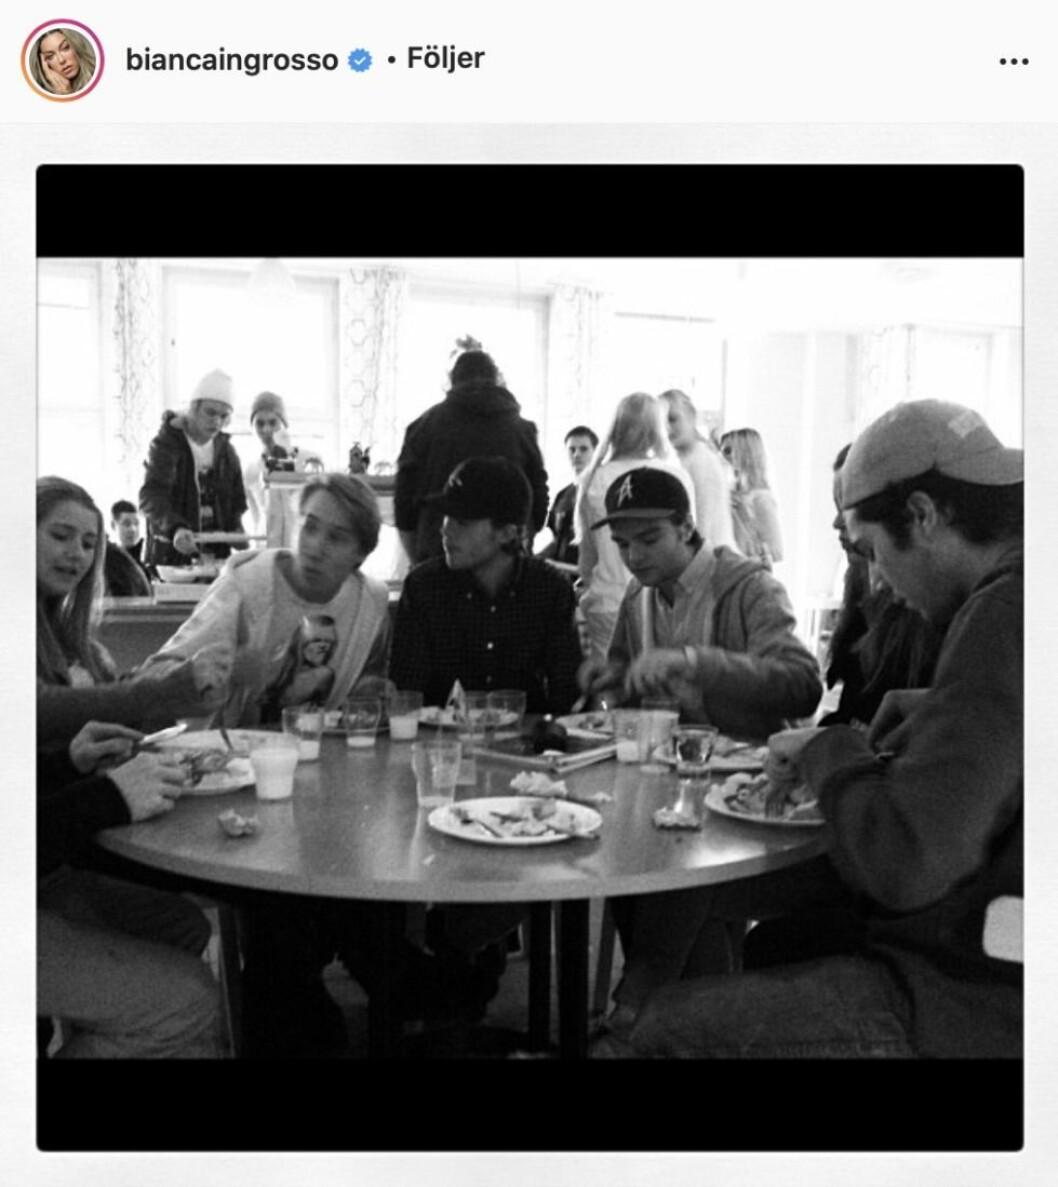 En svartvitbild med ungdomar som sitter runt ett bord och äter